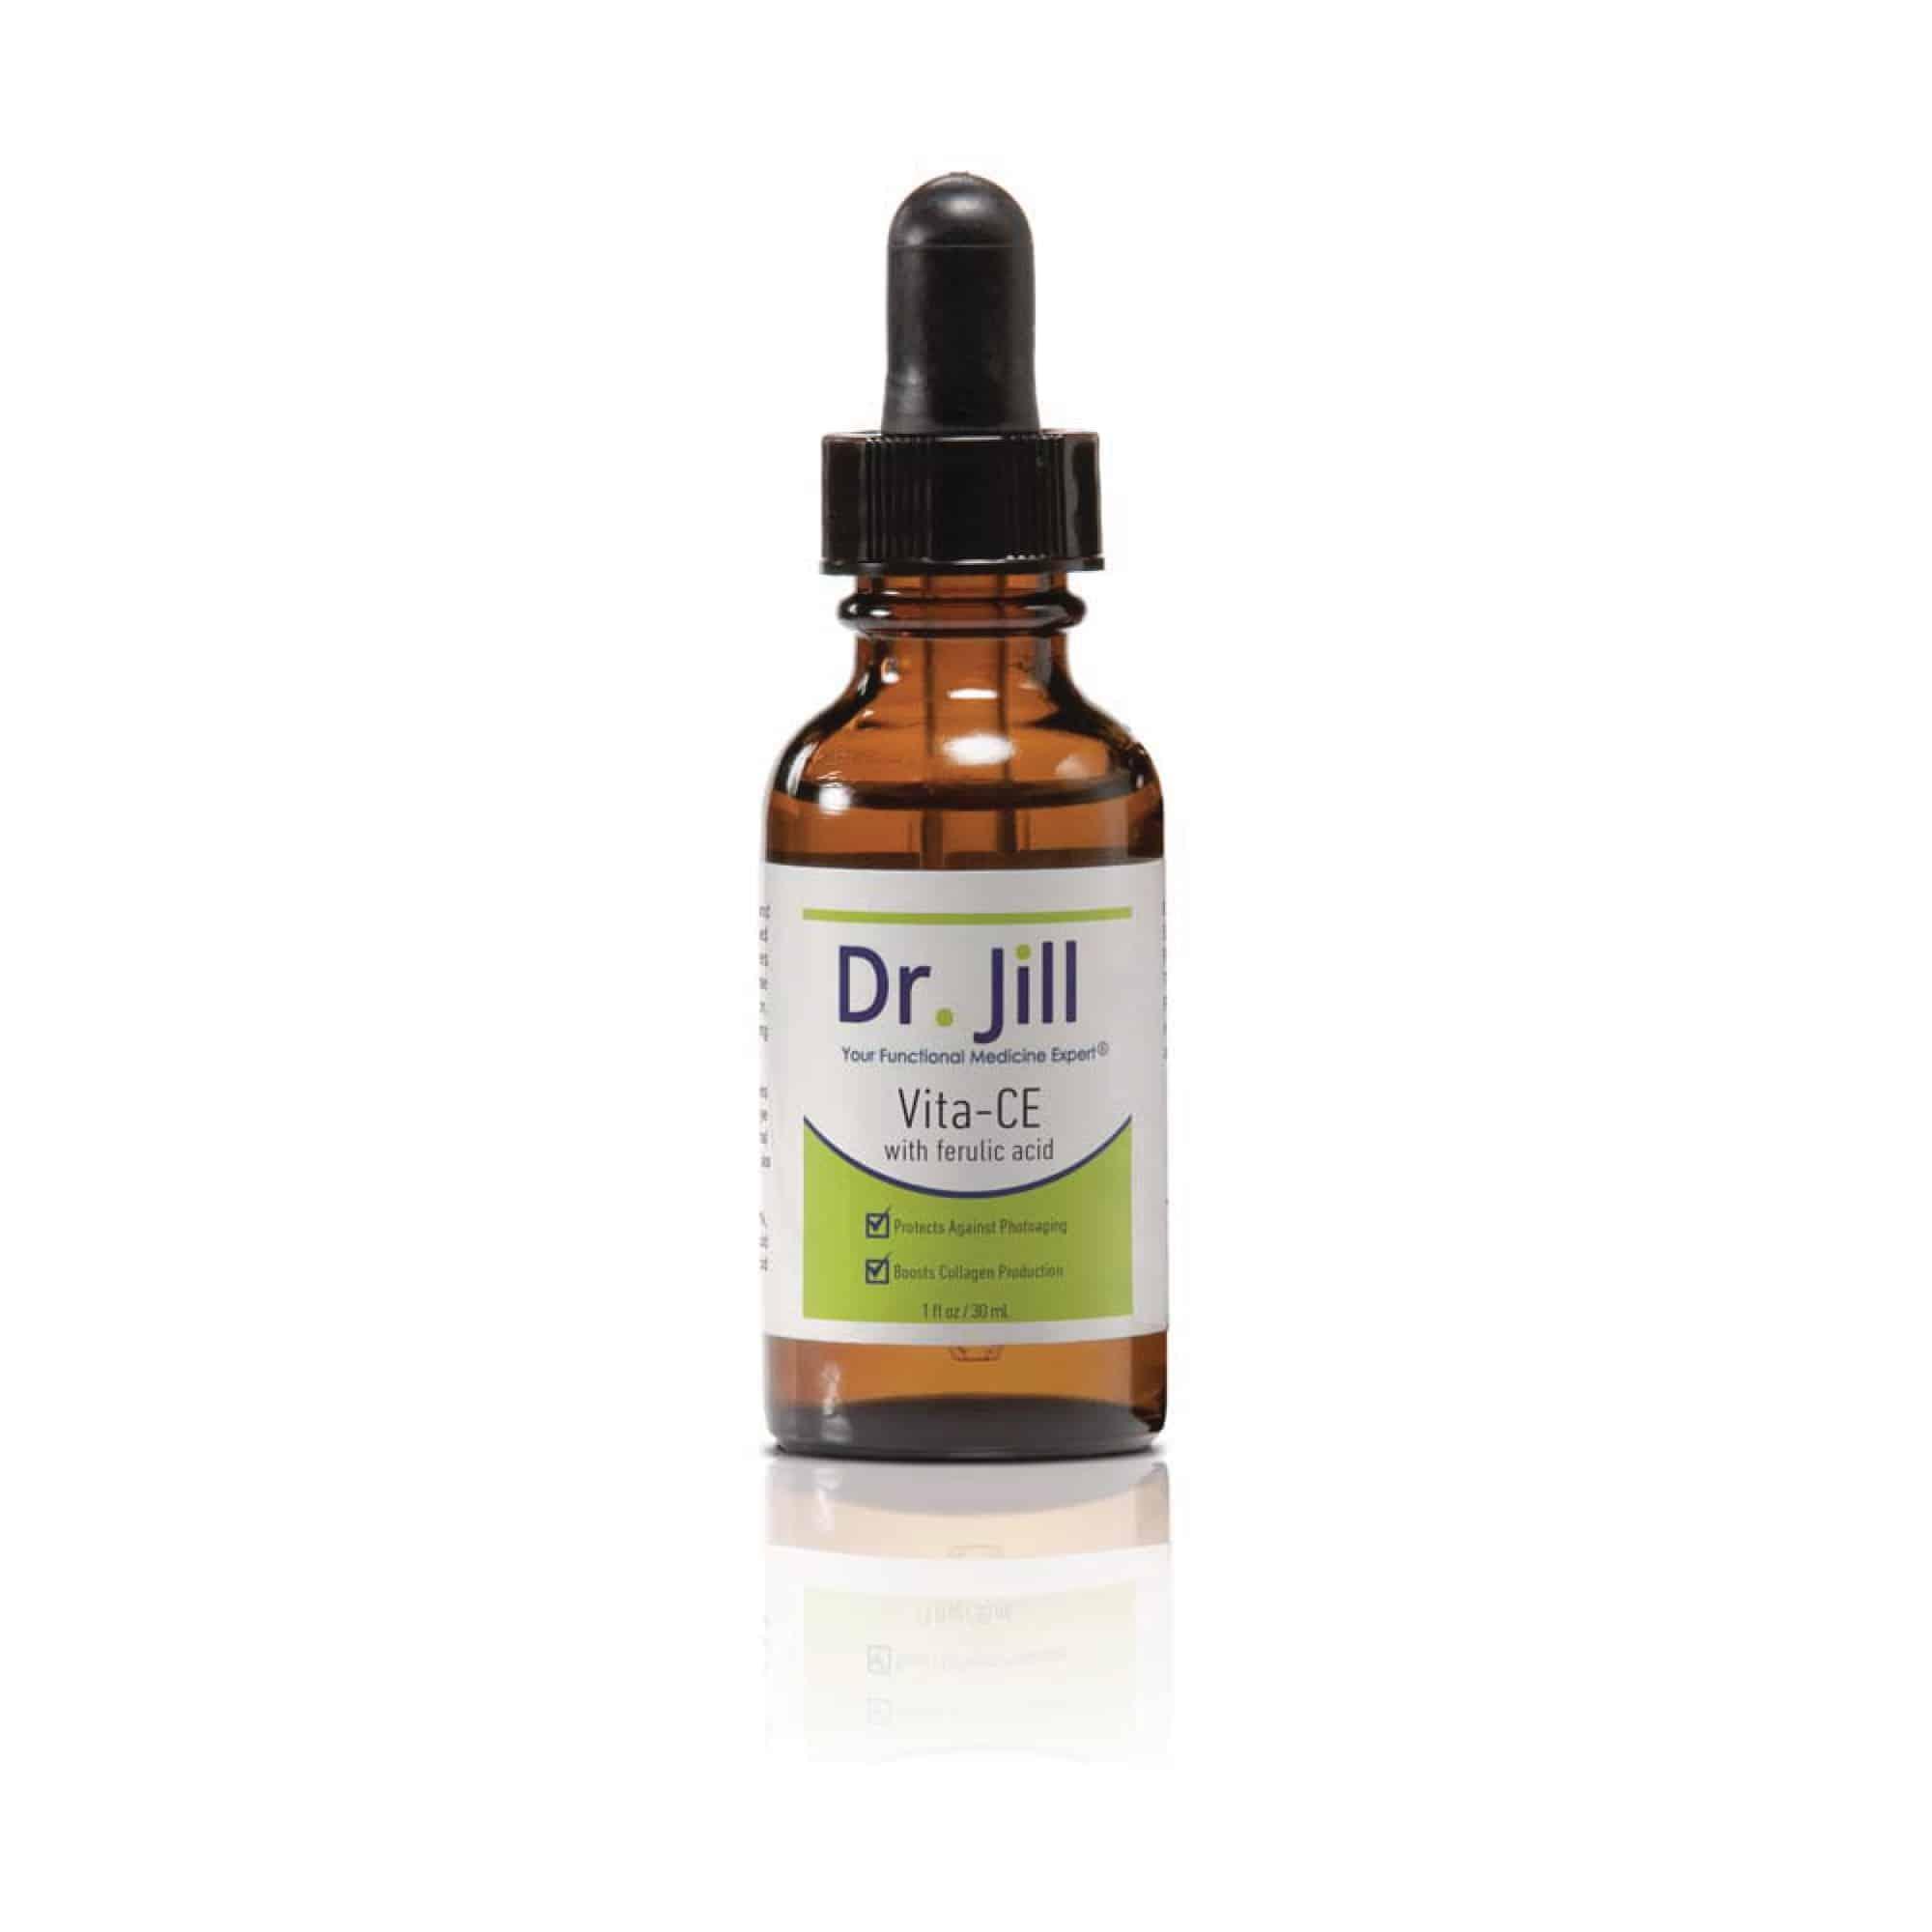 Dr. Jill Health - Vita-CE 1 oz